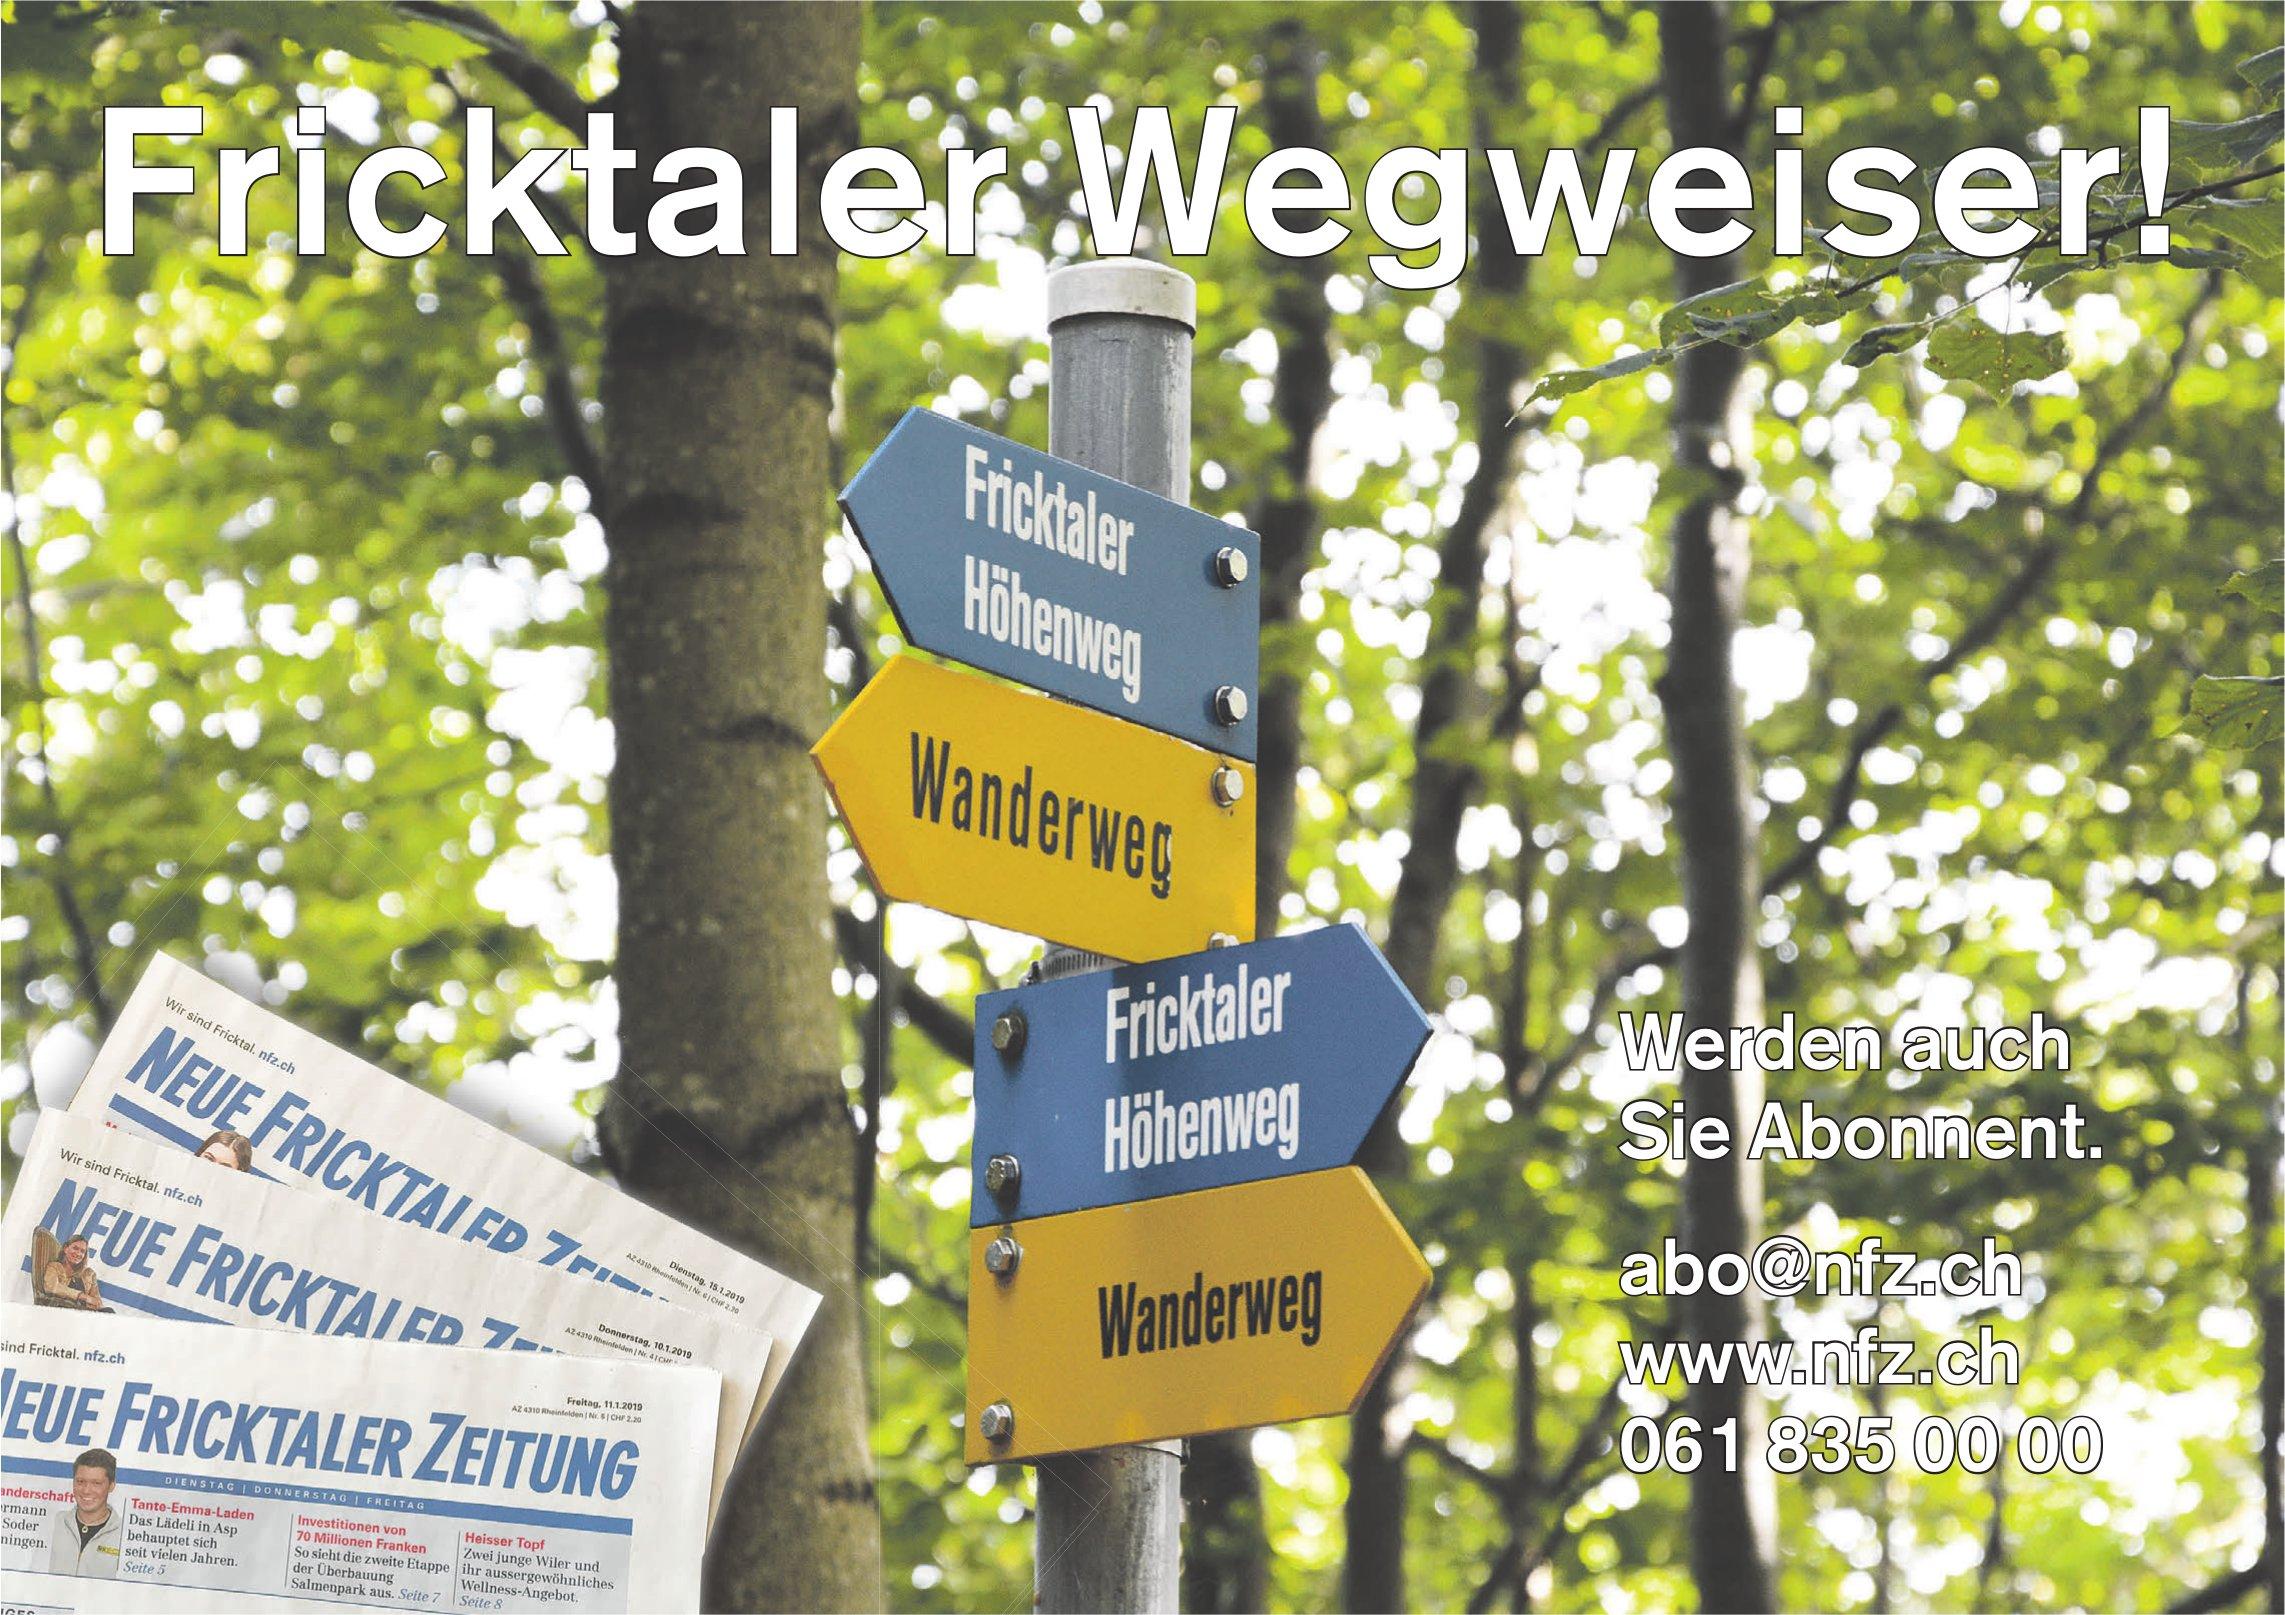 NFZ - Fricktaler Wegweiser! Werden auch Sie Abonnent.